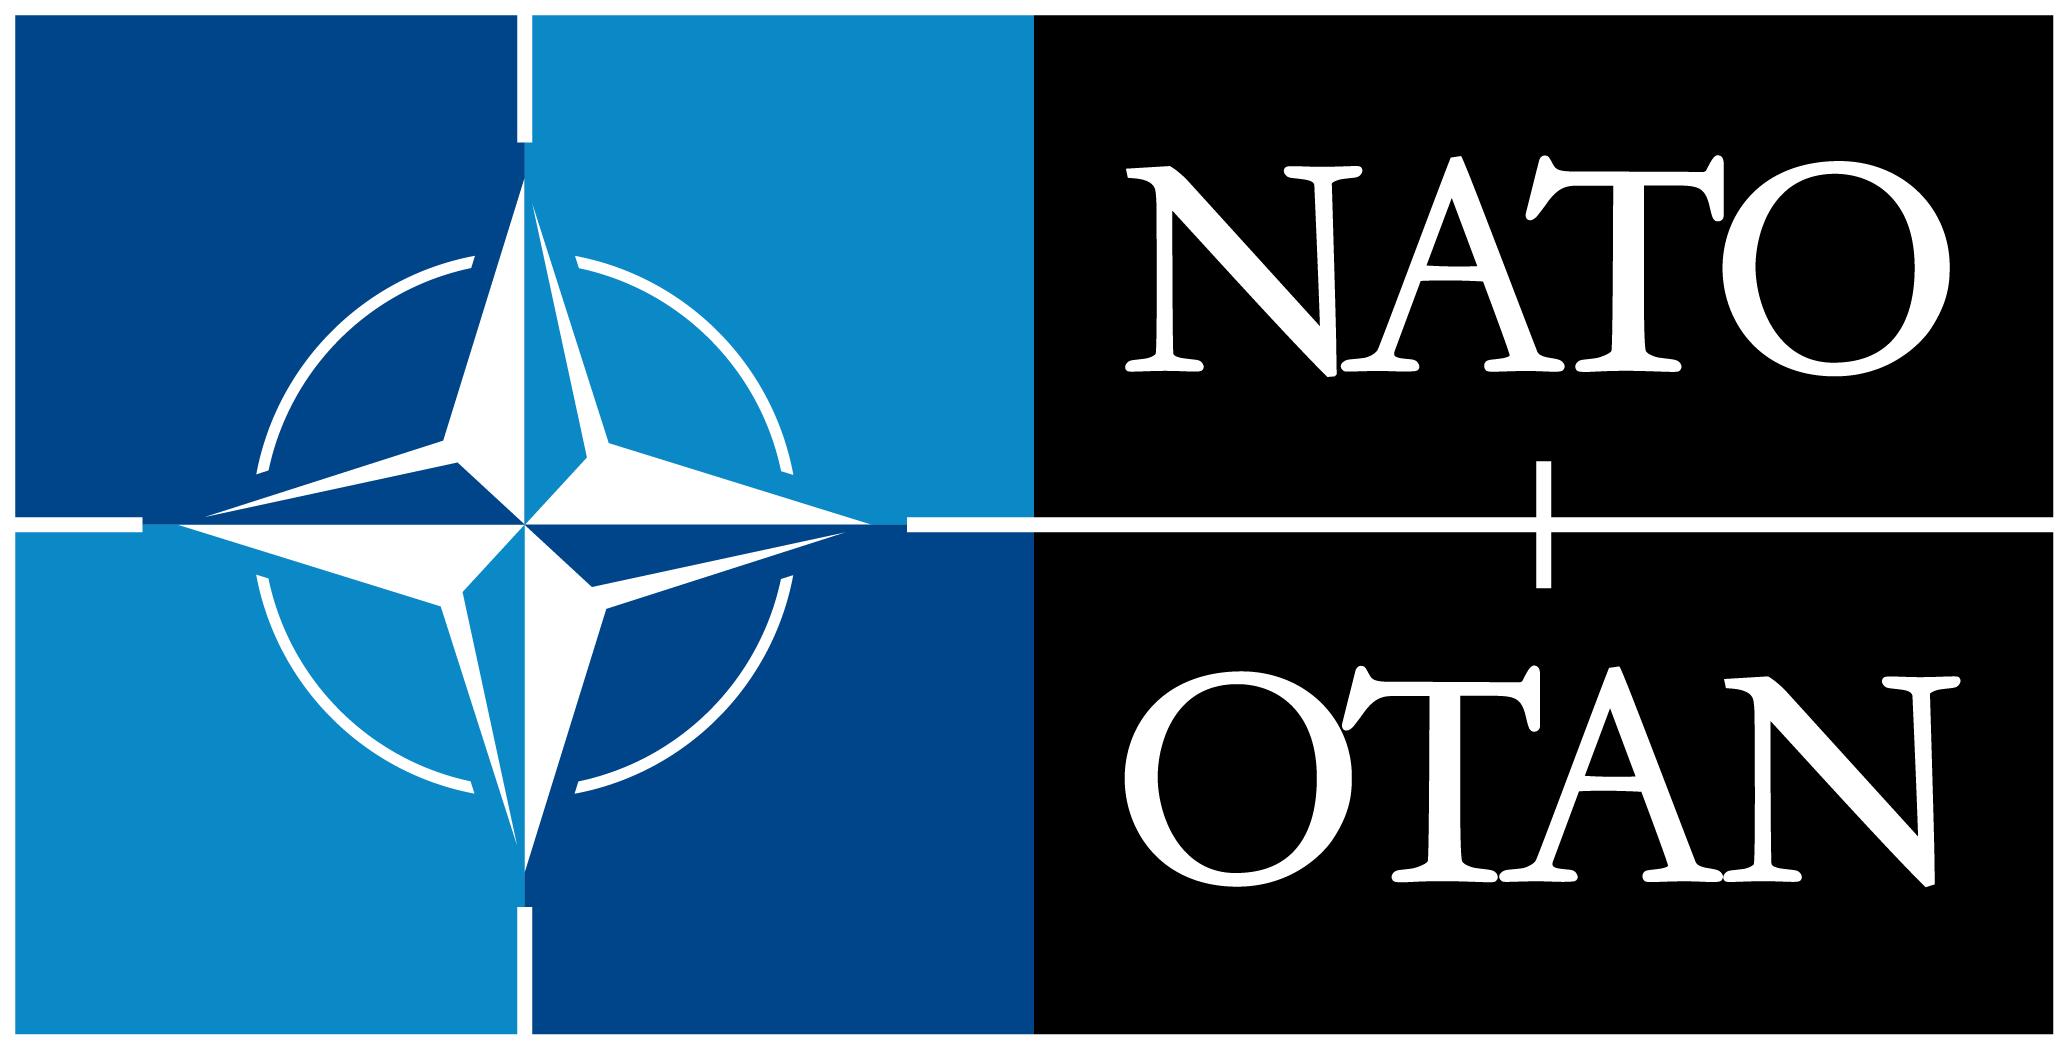 NATO_OTAN_landscape_logo